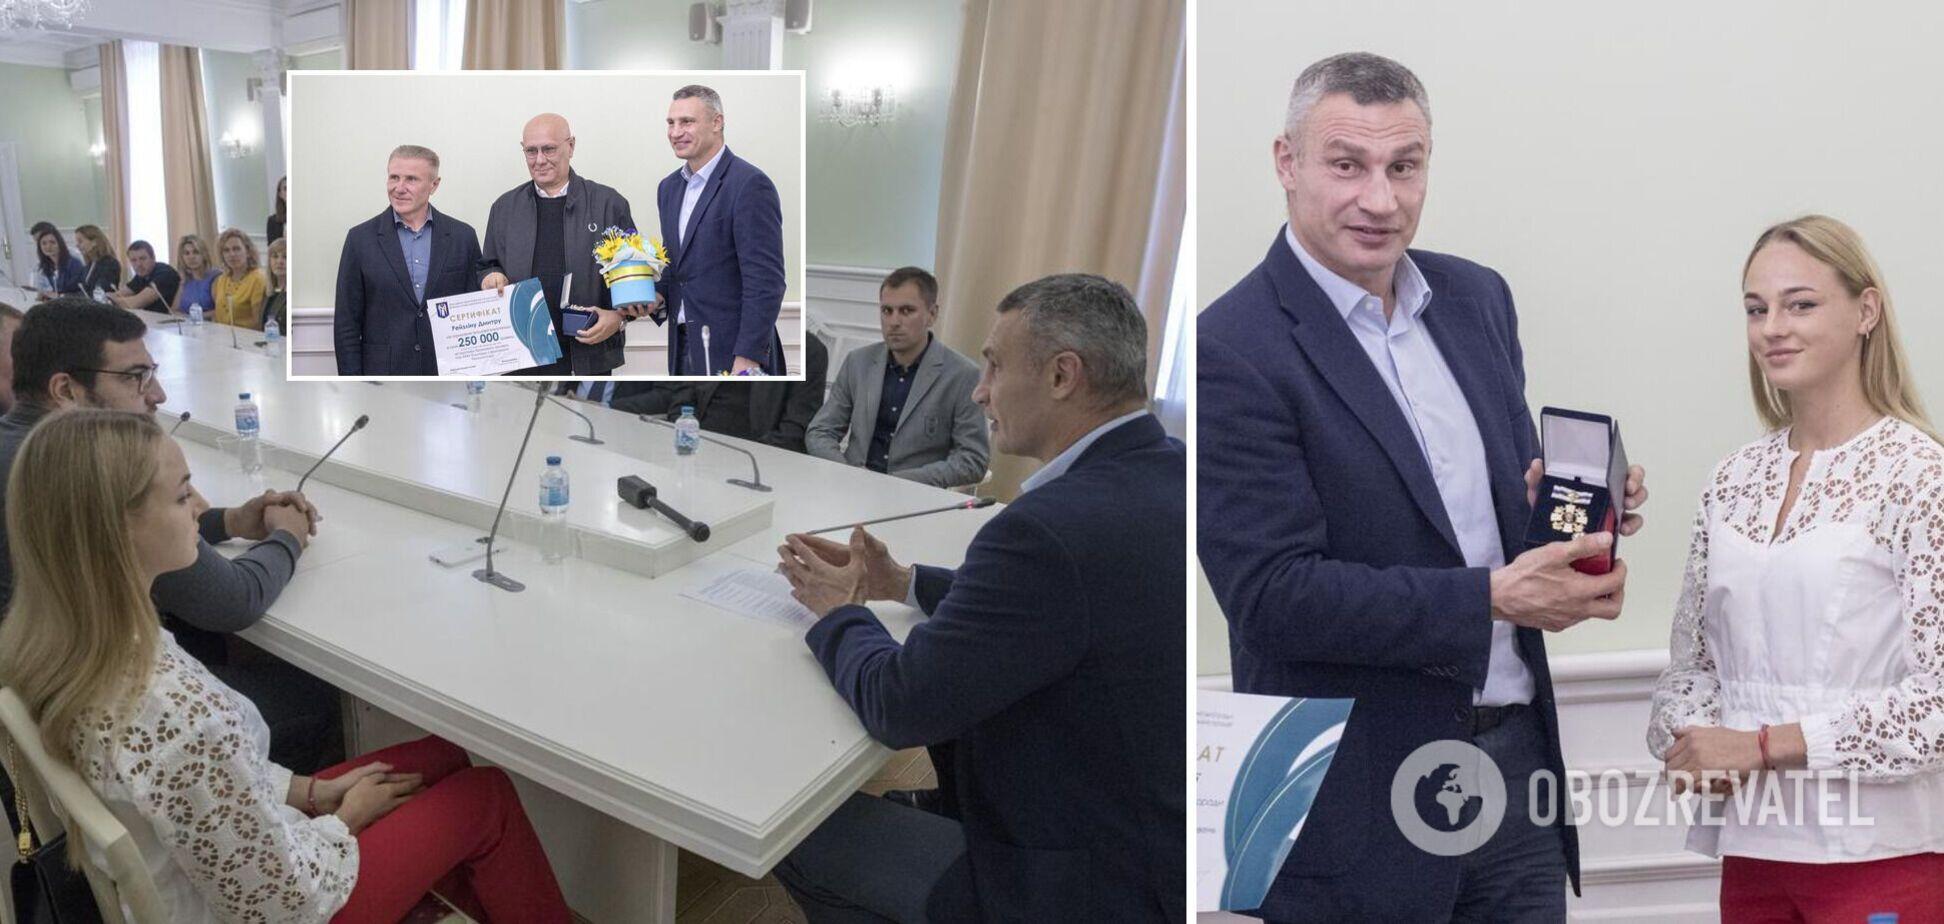 Кличко наградил киевлян-призеров Олимпийских игр в Токио